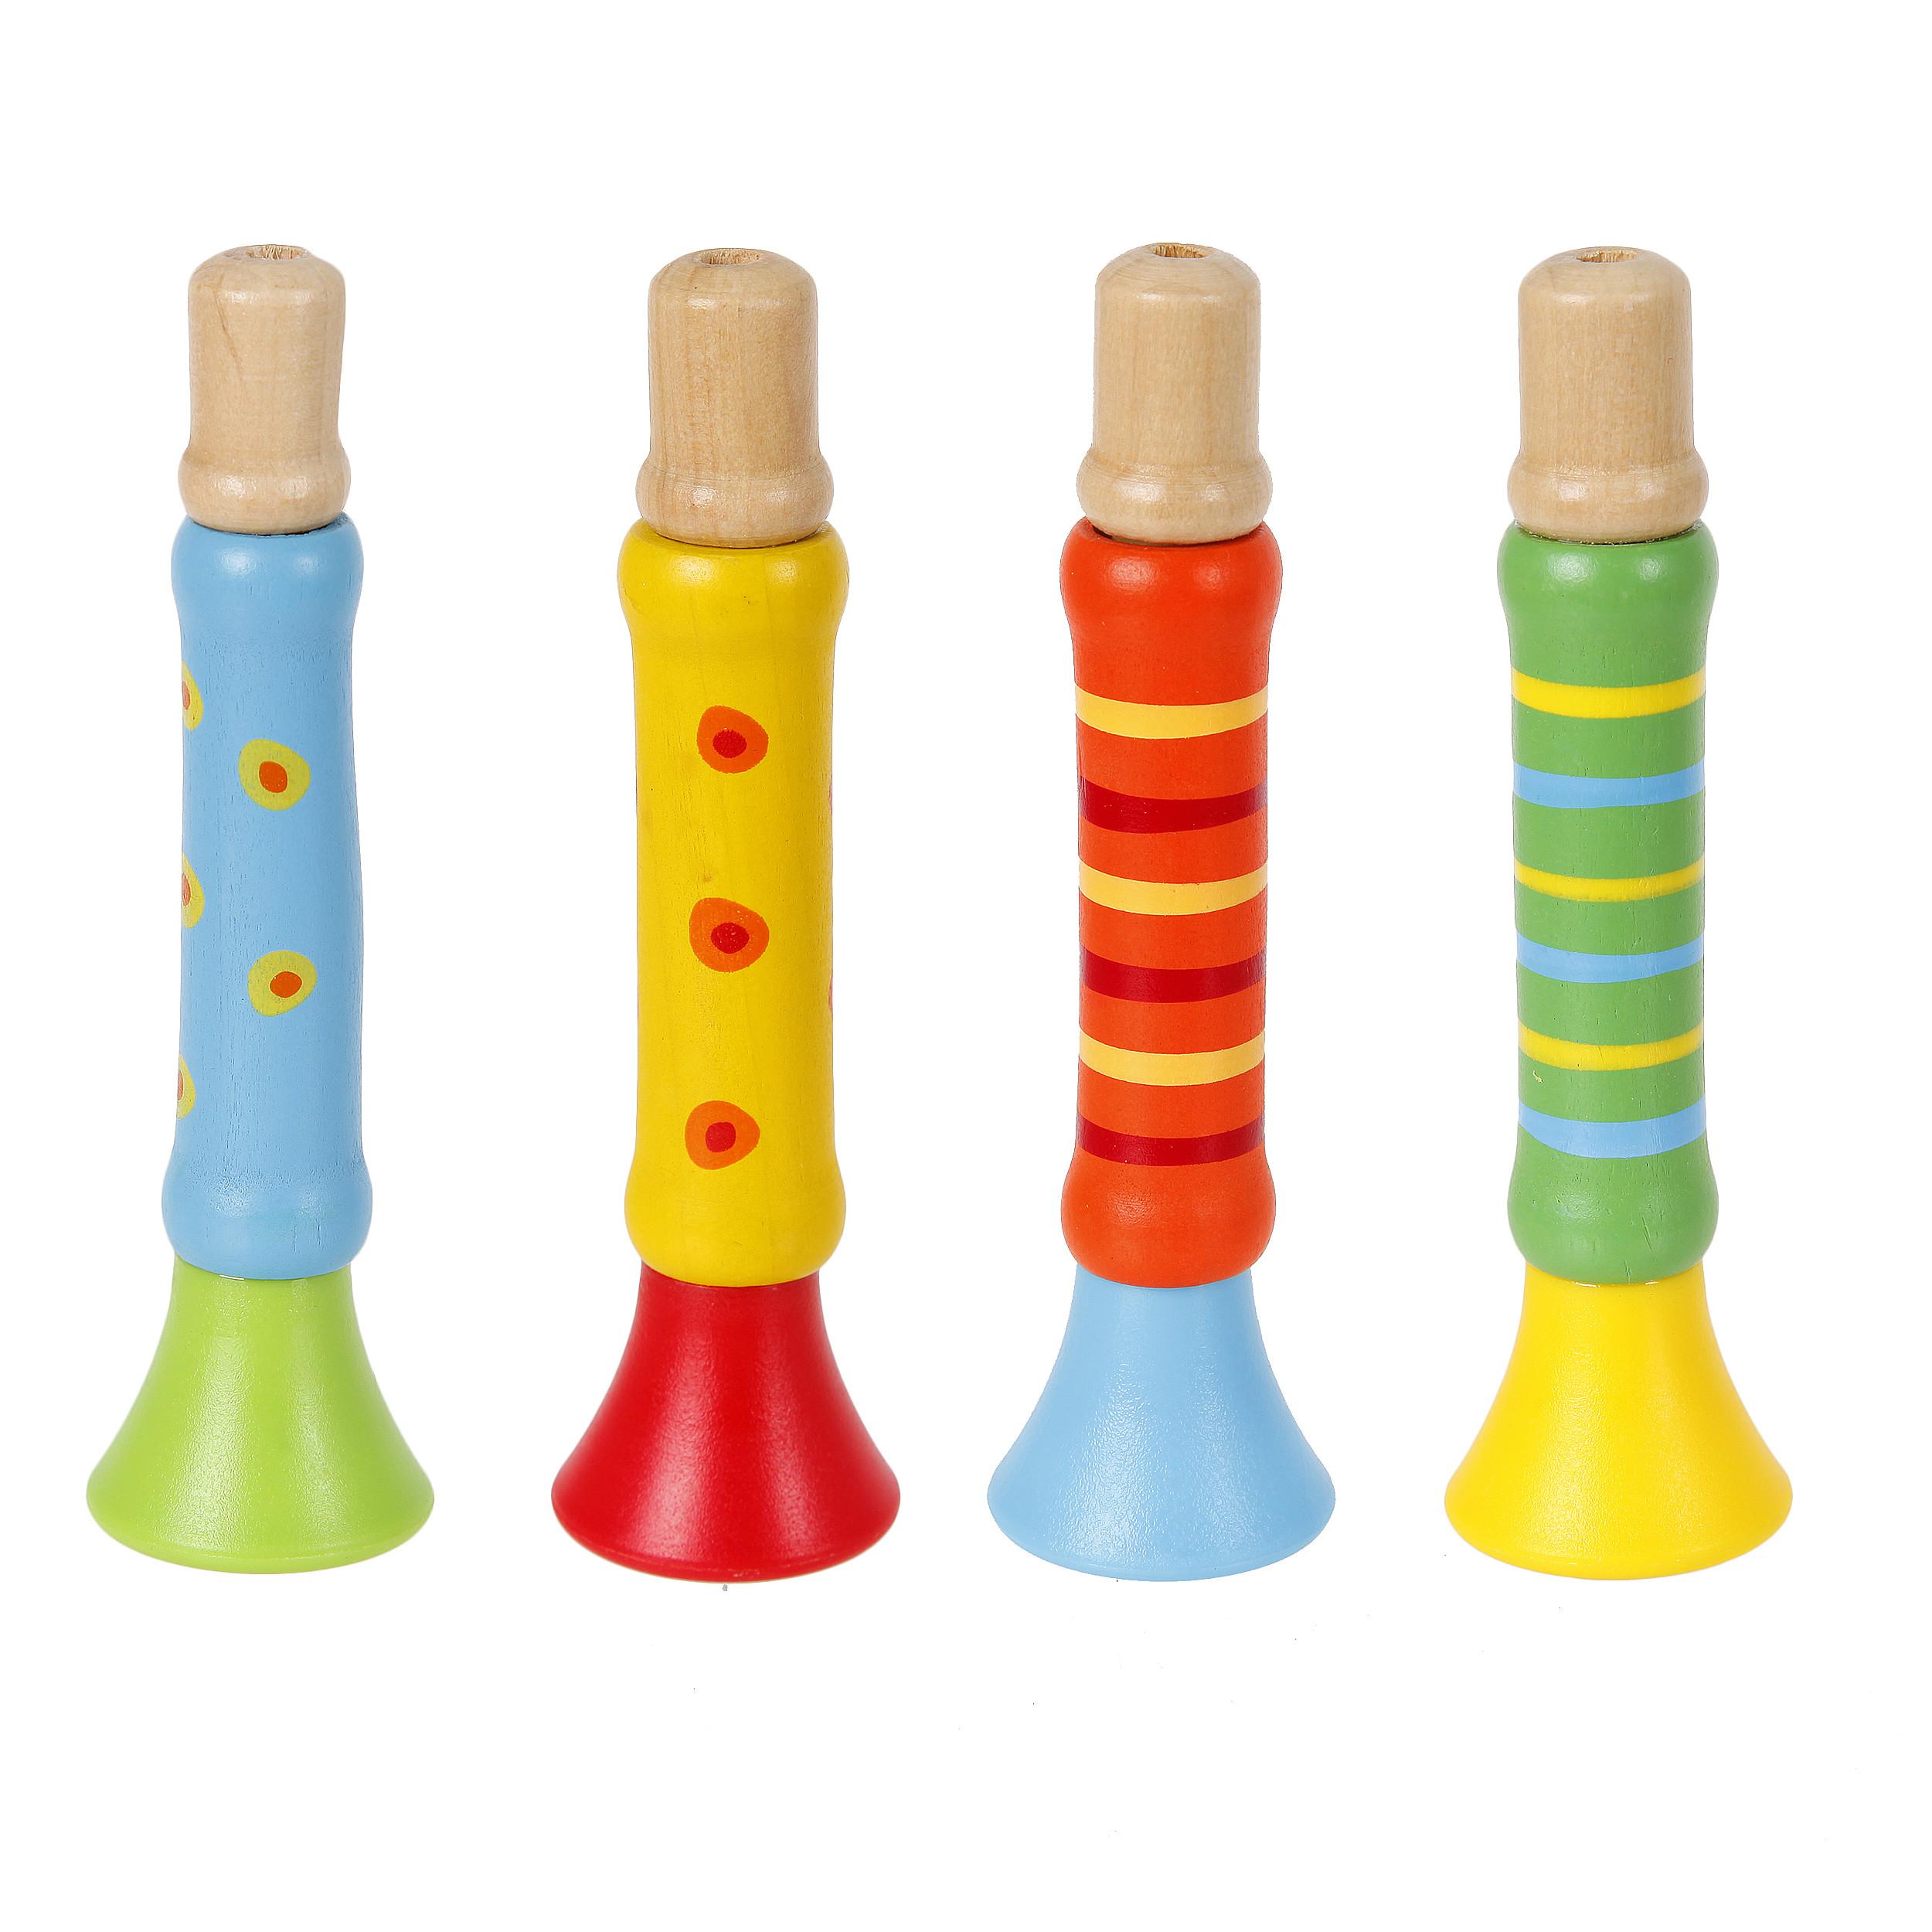 музыкальные игрушки Музыкальные игрушки Mapacha 76697